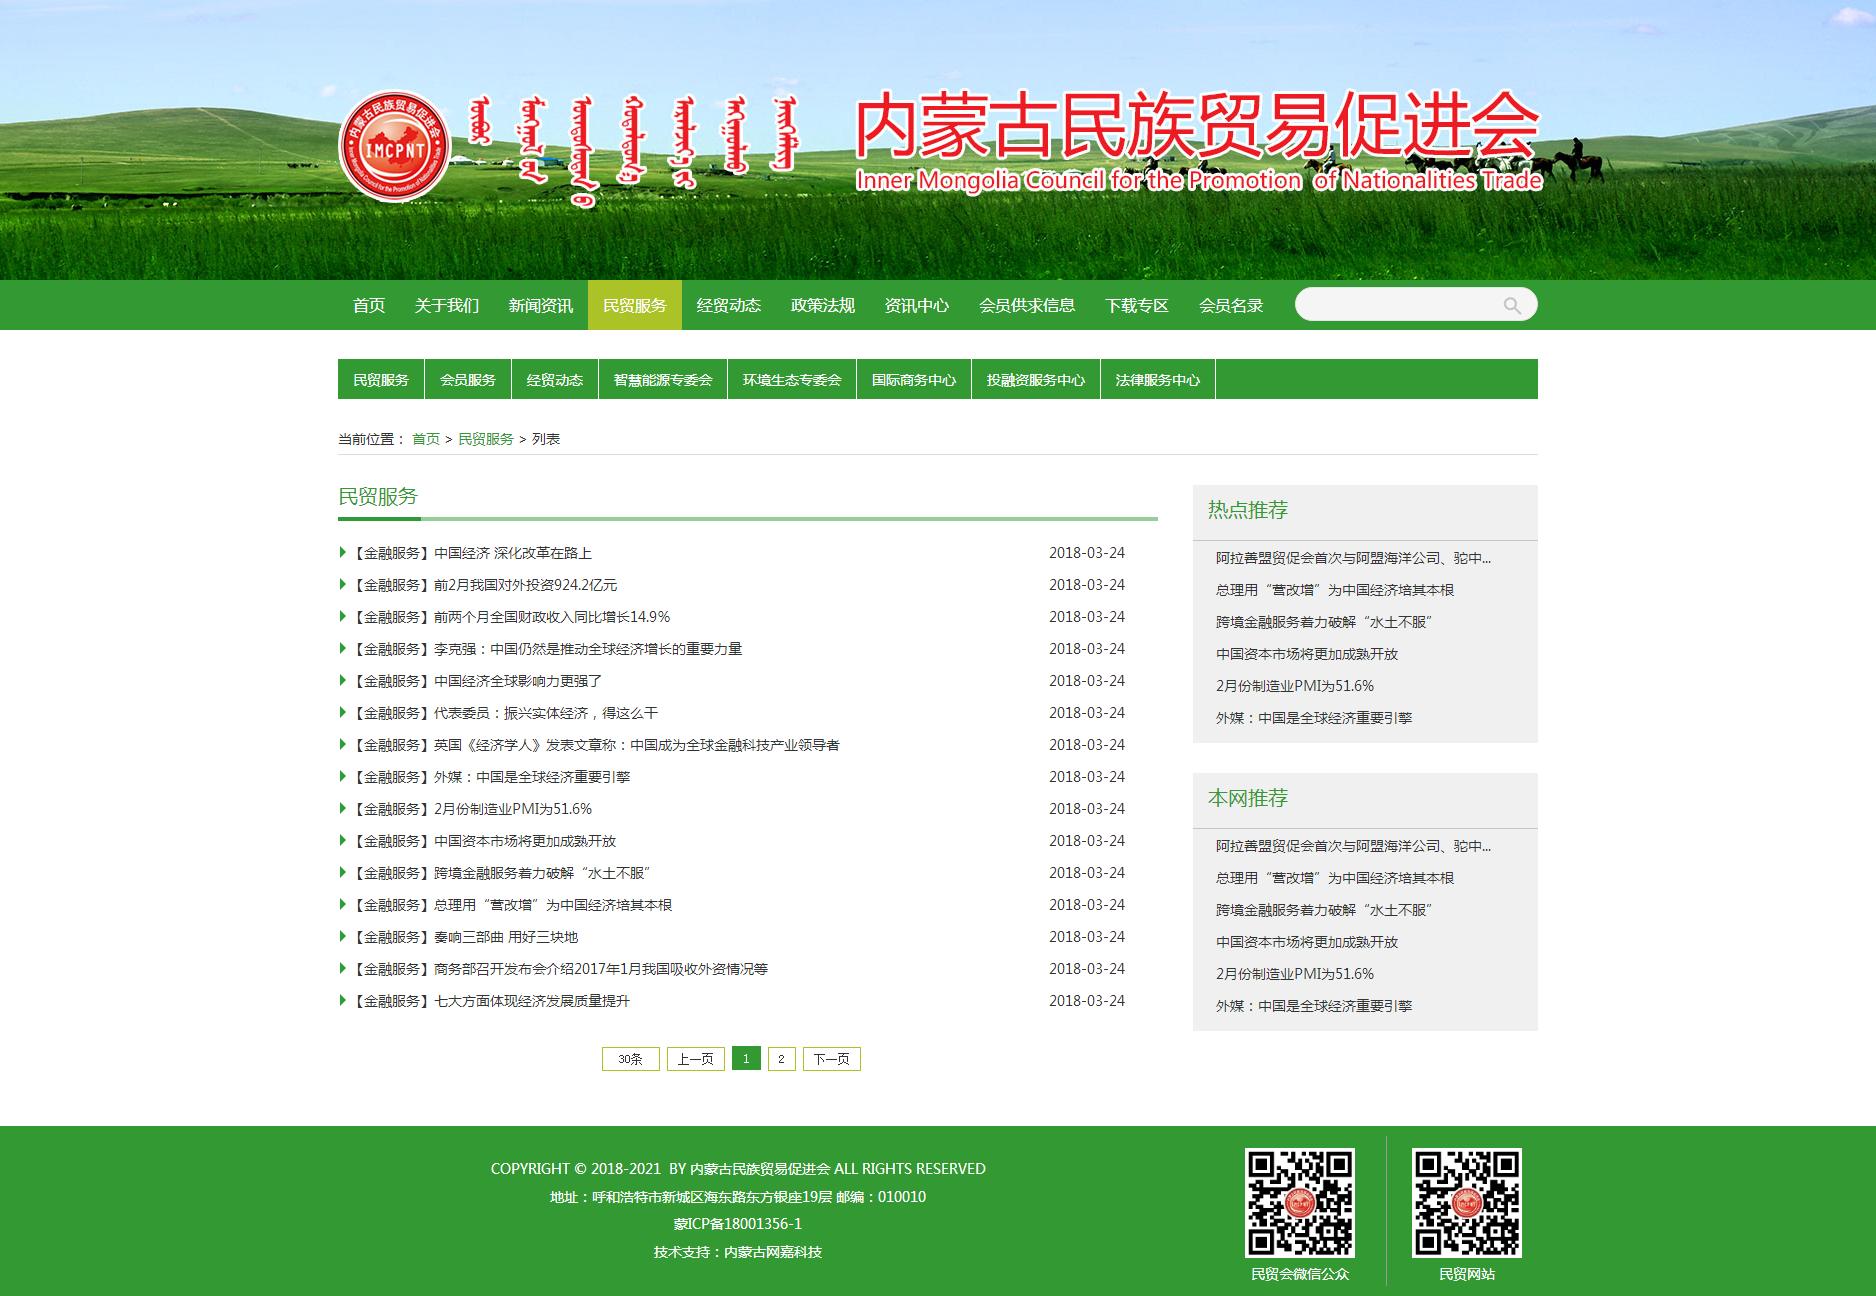 【内蒙古民族贸易促进会】内蒙古协会网站建设